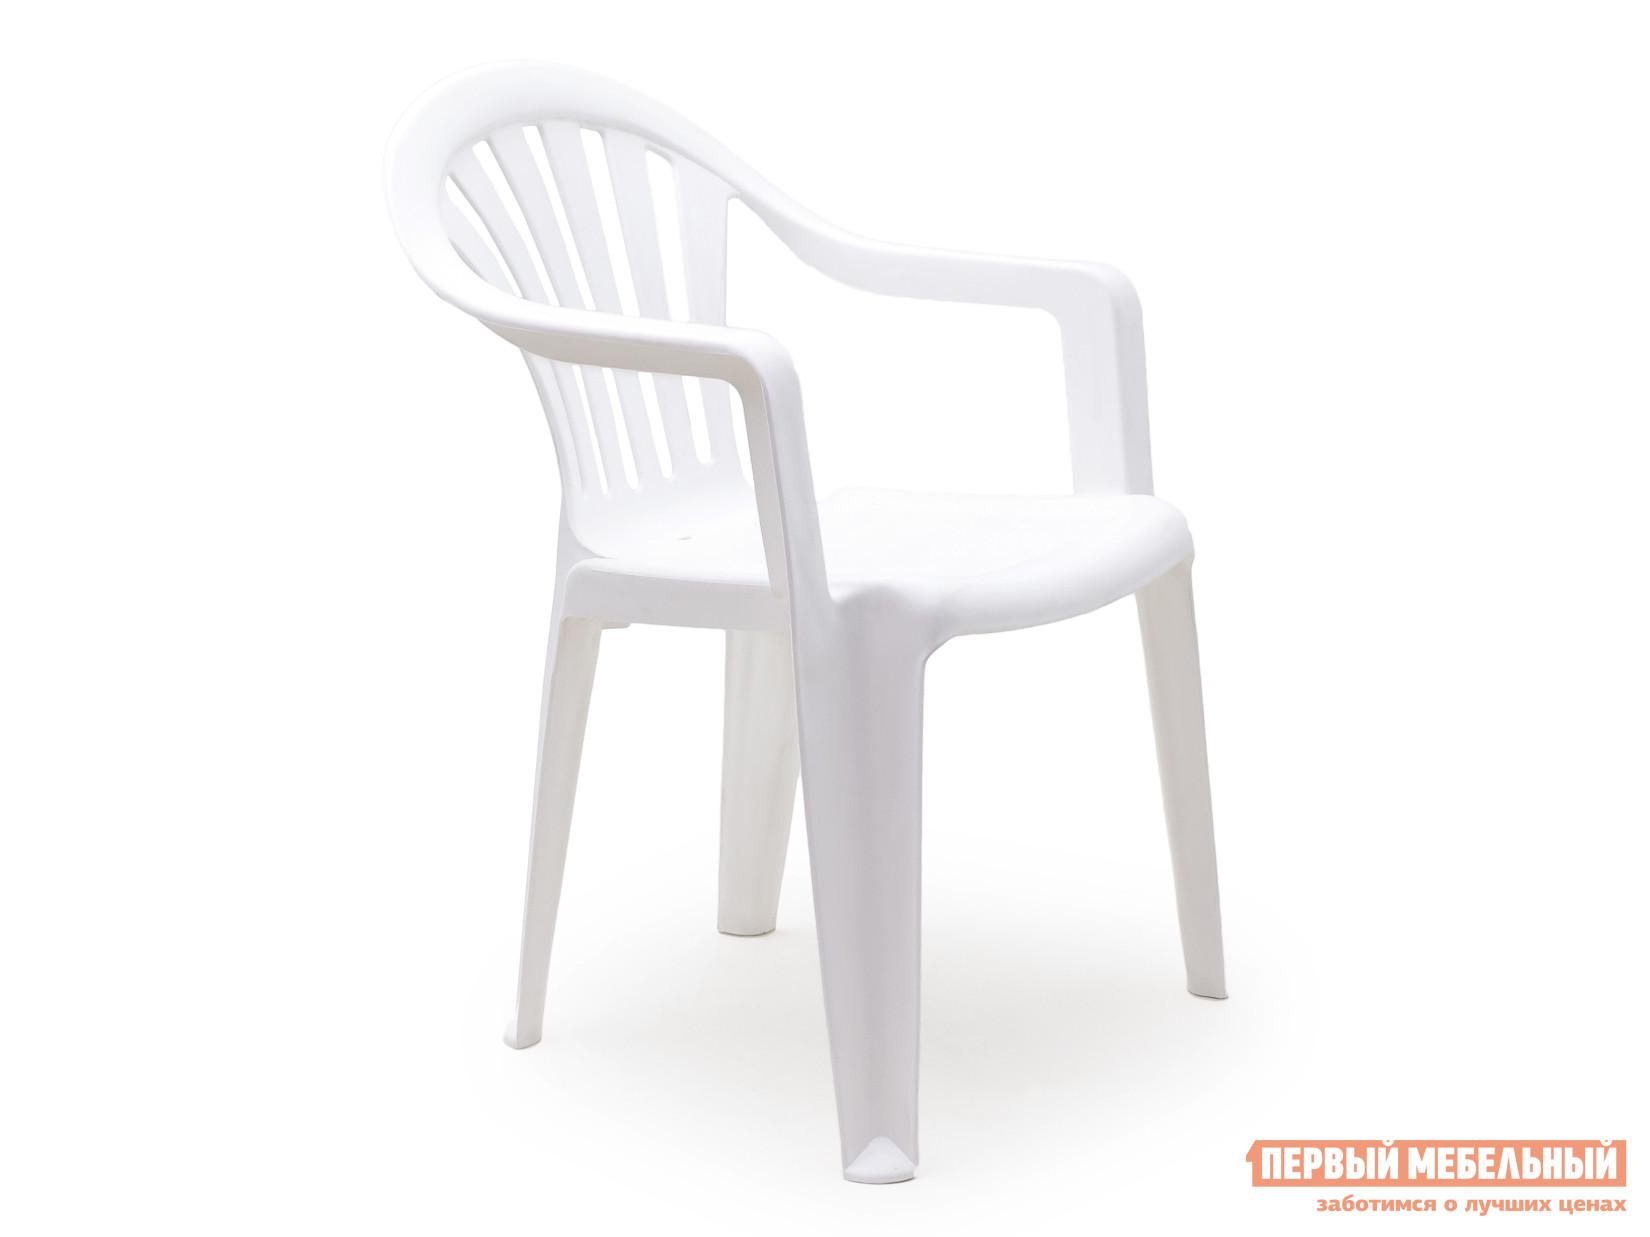 Пластиковый стул Стандарт Пластик Кресло №1 Пальма-1 (560х550х770мм) БелыйПластиковые стулья<br>Габаритные размеры ВхШхГ 770x560x550 мм. Пластиковое кресло Пальма исполнено в классическом стиле.  В таком кресле удобно будет сидеть даже в самую жаркую погоду, благодаря немонолитному оформлению спинки и сидения. Конструкция стула спроектирована таким образом, что несколько стульев очень удобно хранить в виде стопки.  Изделие оборудовано подлокотниками, их функциональное назначение – сделать пребывание в кресле максимально удобным и приятным. Высота изделия от пола до сиденья составляет 38 см. Пластиковая мебель уникальна сочетанием таких качеств, как предельная легкость (чуть больше 2 кг) и повышенная прочность (легко выдерживает нагрузку до 120 кг).  Мебельные изделия демократичны, хорошо подходят для оформления дачи, зоны отдыха или летнего кафе.  Пластиковая мебель не боится перепадов температур, повышенной влажности.  Такая мебель станет верным союзником в комфортном и гармоничном отдыхе.<br><br>Цвет: Белый<br>Высота мм: 770<br>Ширина мм: 560<br>Глубина мм: 550<br>Кол-во упаковок: 1<br>Форма поставки: В собранном виде<br>Срок гарантии: 1 год<br>С подлокотниками: Да